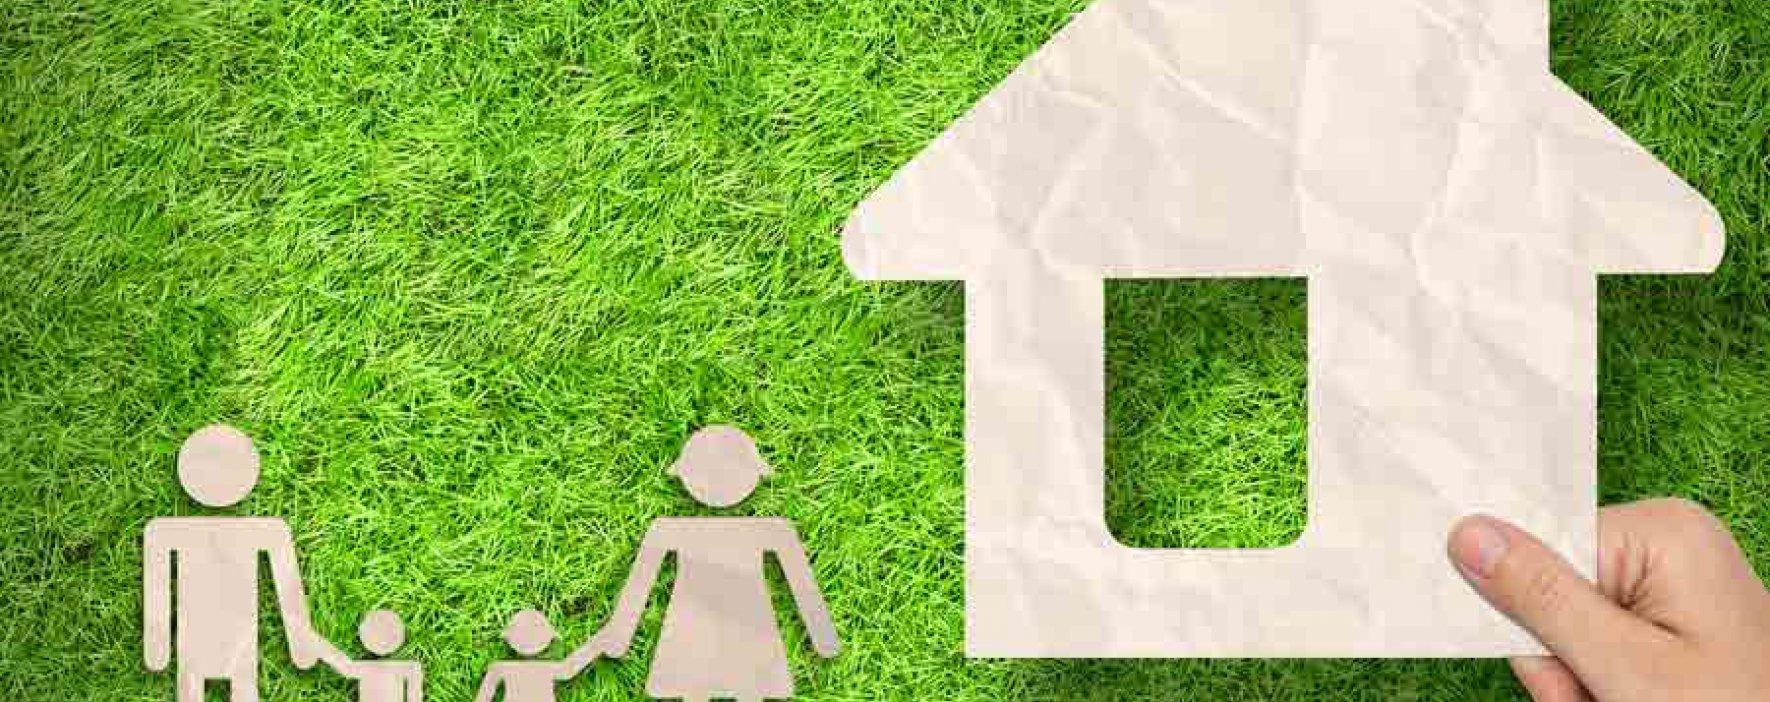 Conozca cómo funcionarán los nuevos subsidios de vivienda del Gobierno